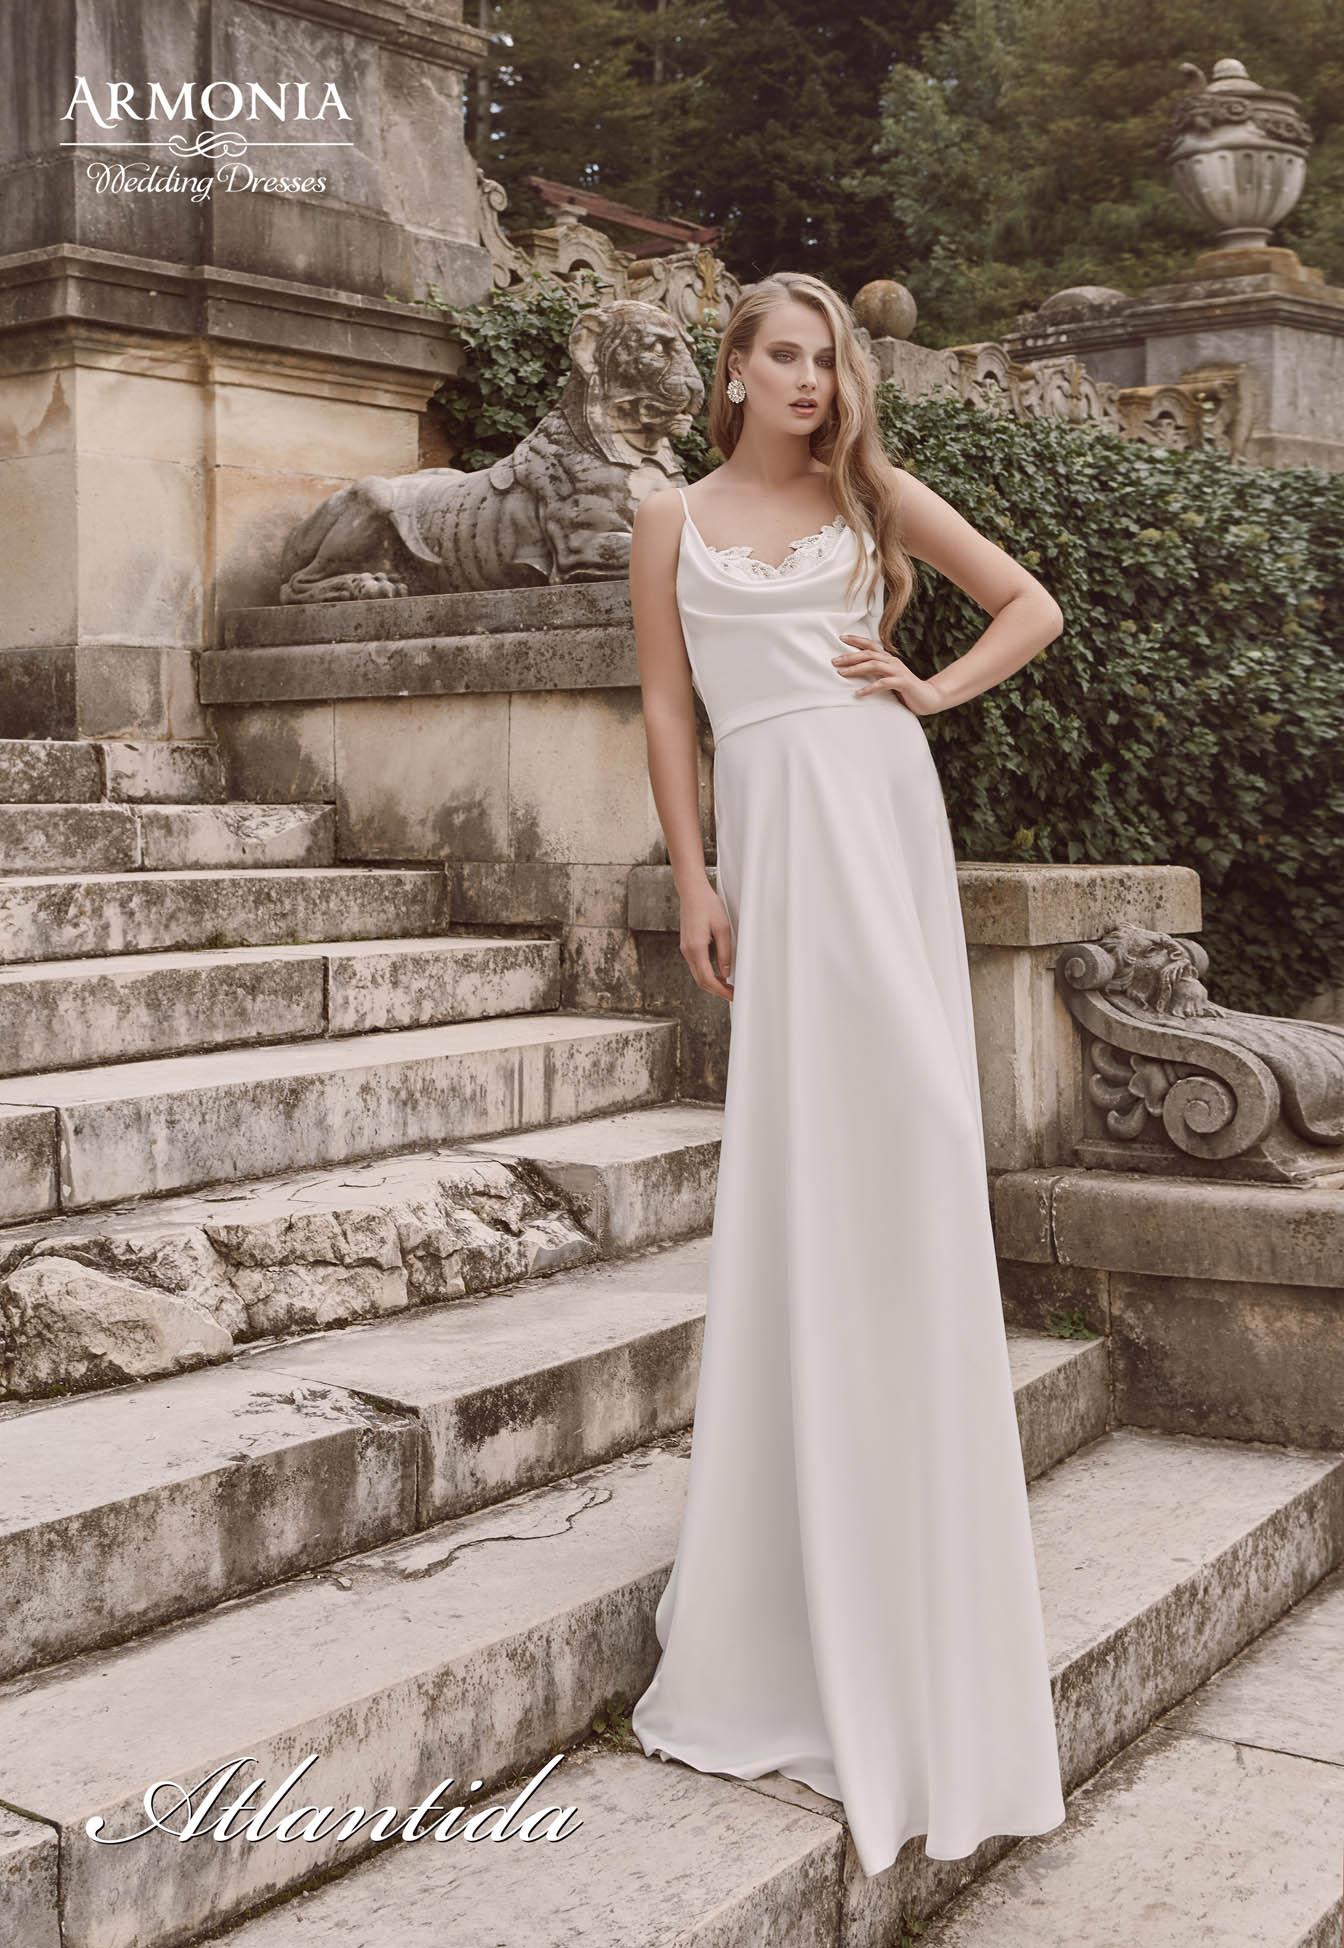 Весільна сукня Atlantida Armonia